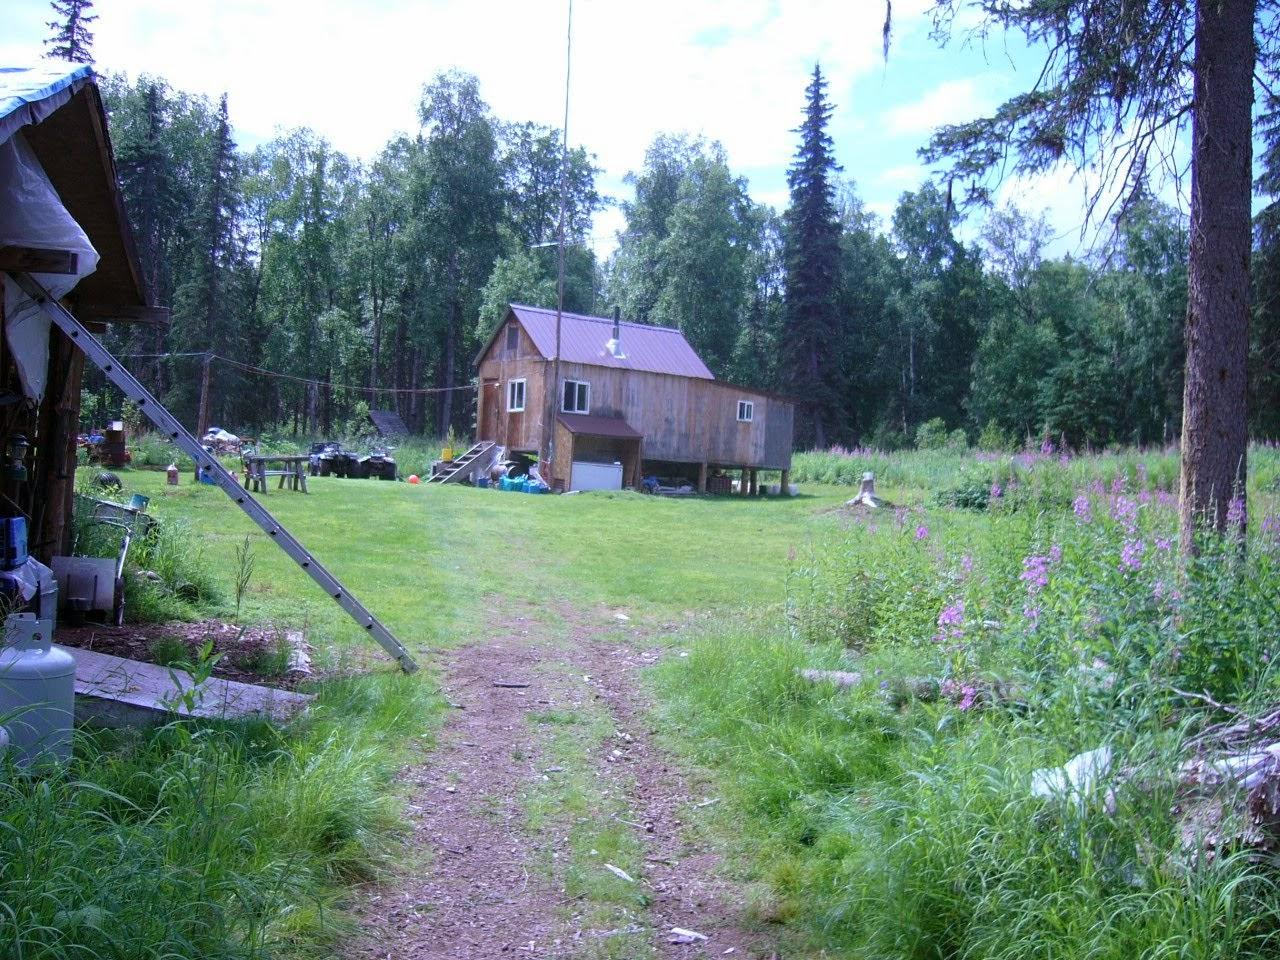 An Alaskan Garden